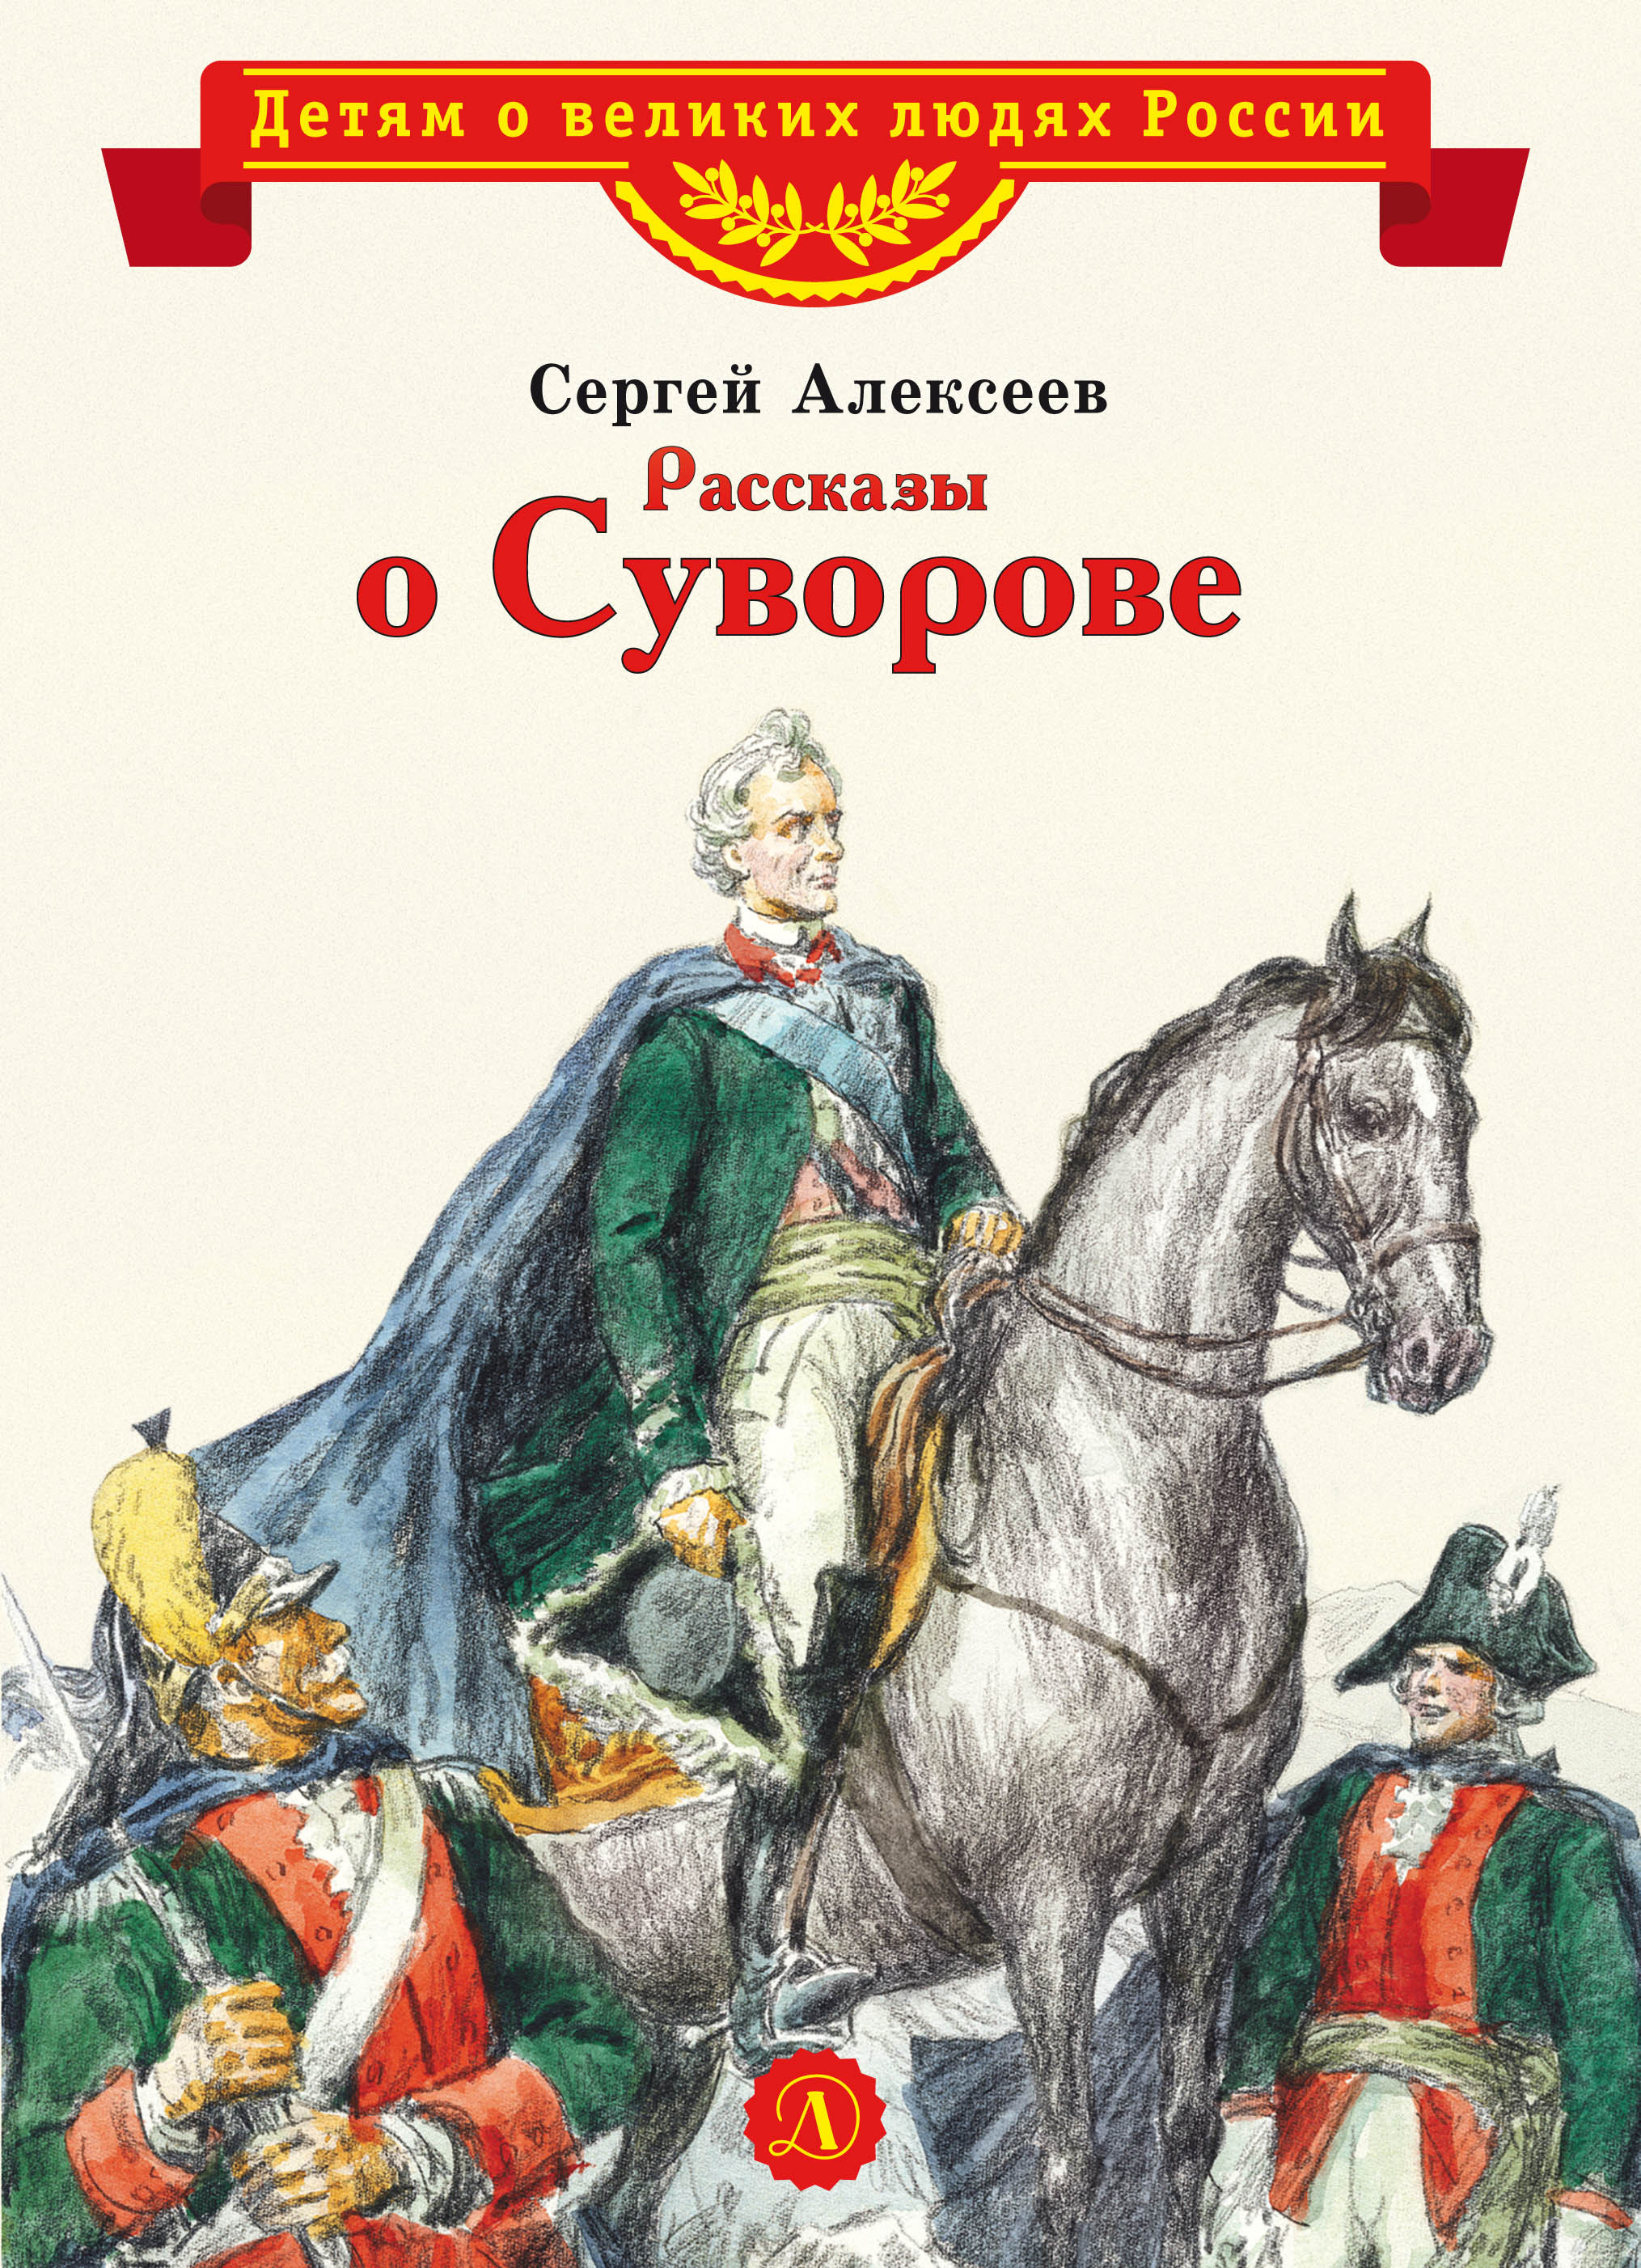 Рассказы о Суворове